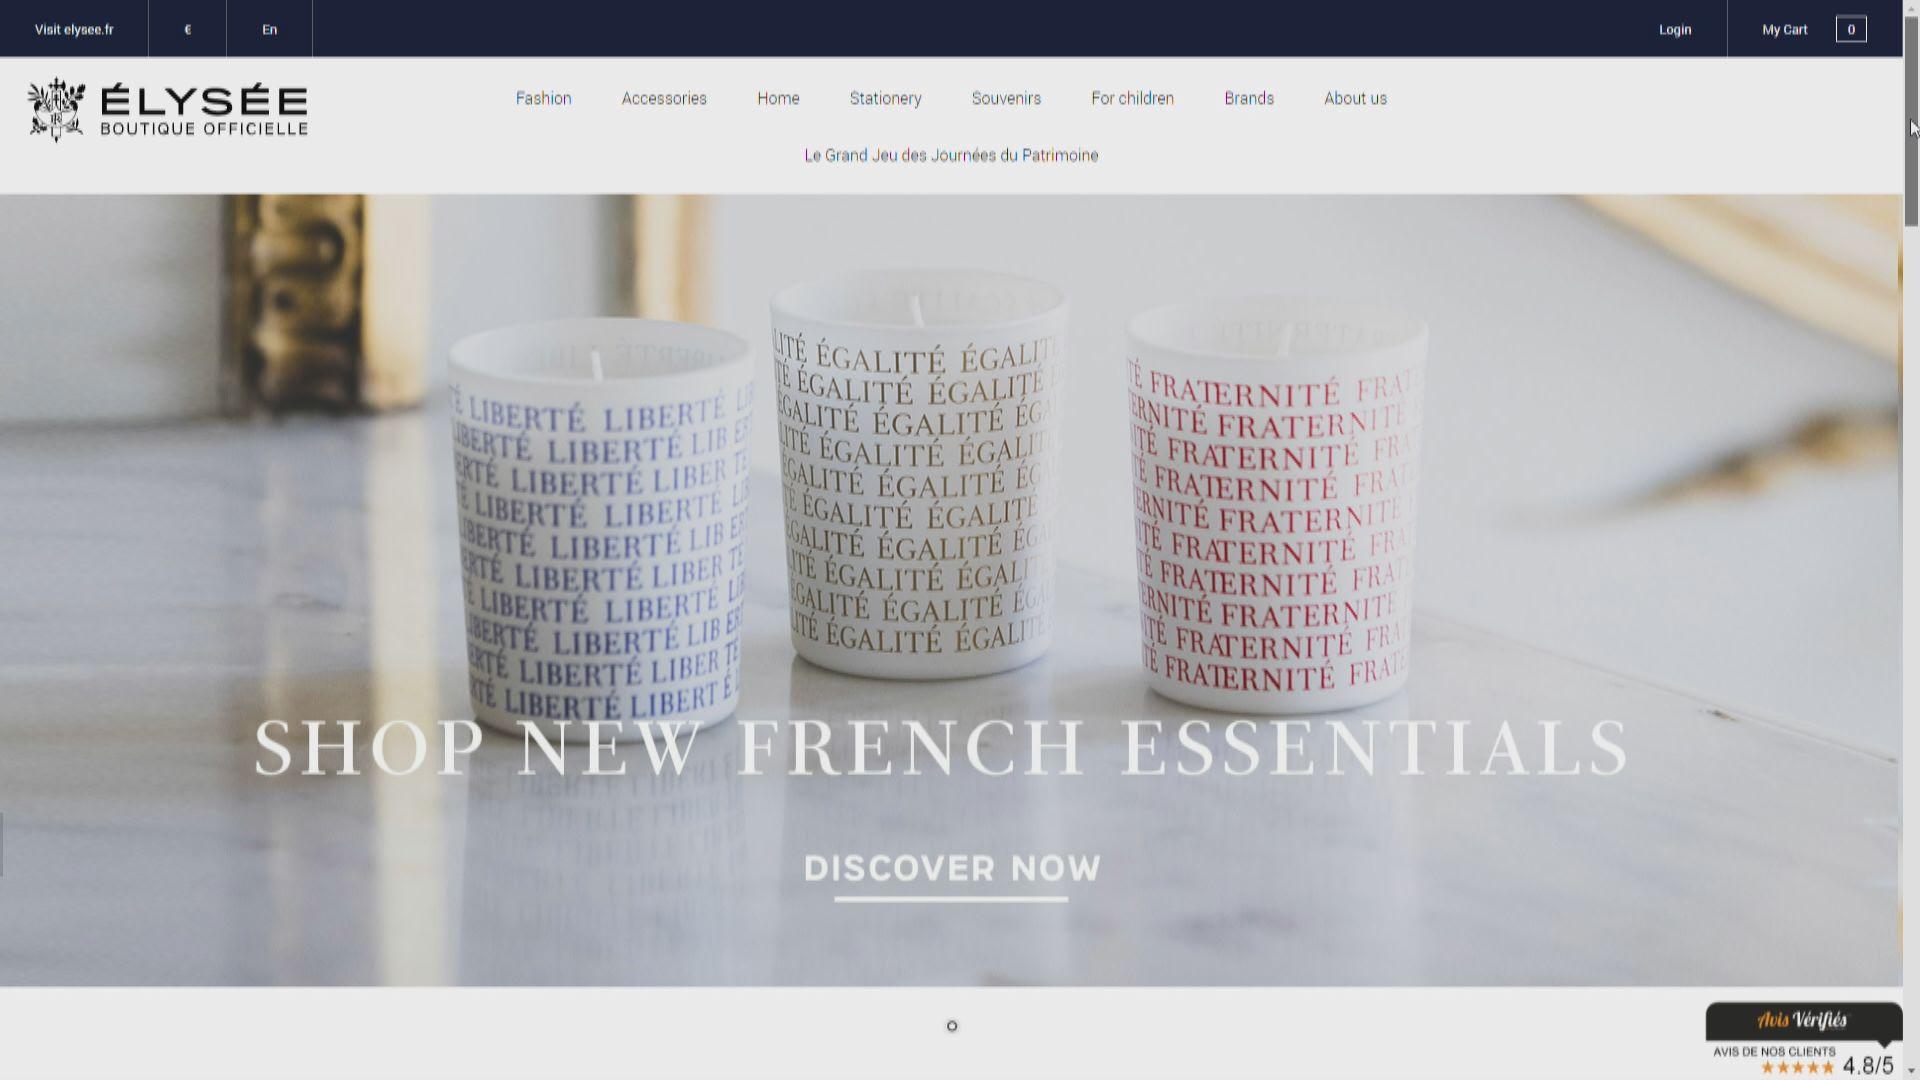 法國總統府網上商店銷售較預期理想